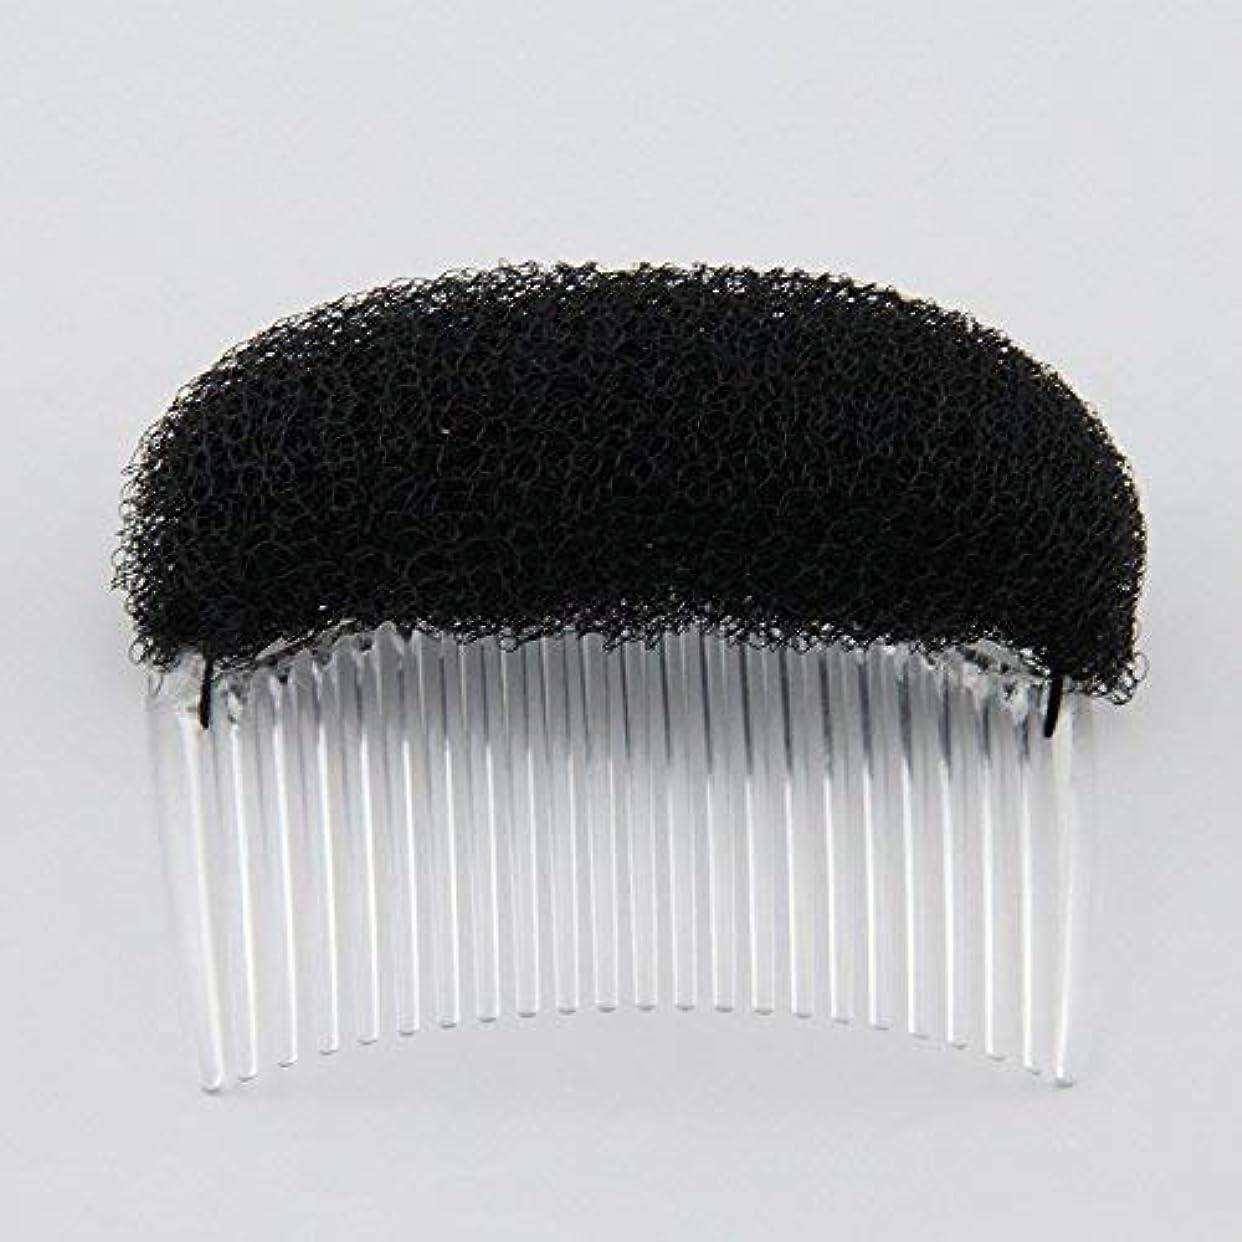 衛星きちんとしたどう?1PC Charming BUMP IT UP Volume Inserts Do Beehive hair styler Insert Tool Hair Comb Black/Brown colors for choose...